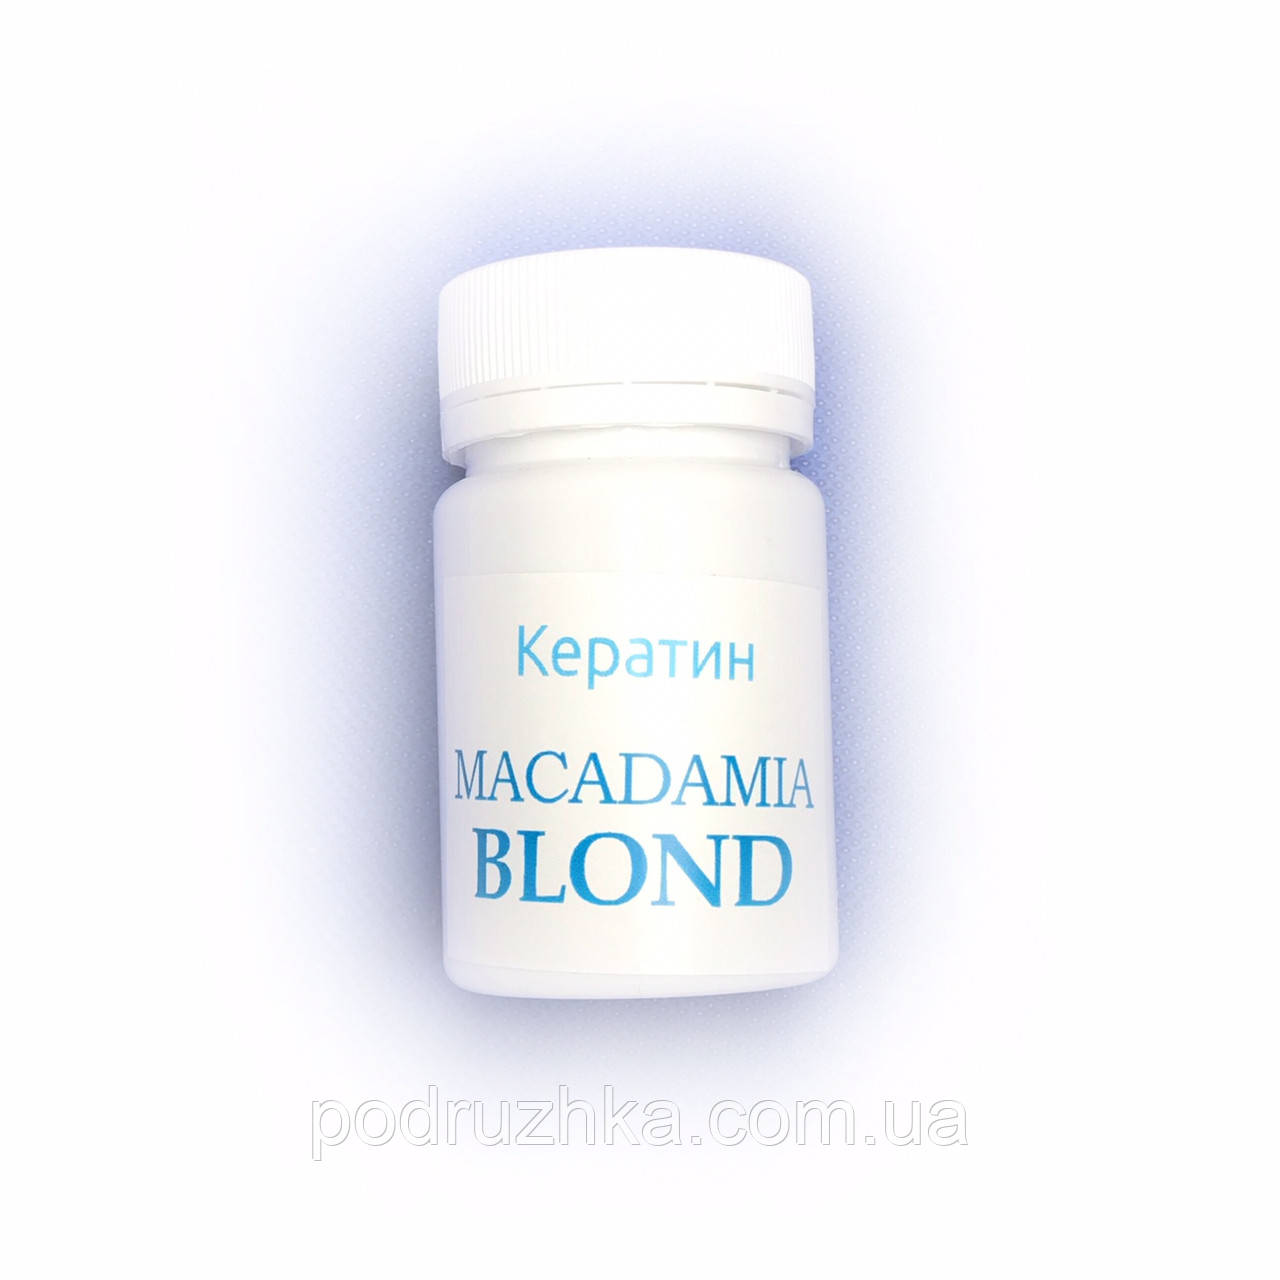 Набор для кератинового выравнивания волос Macadamia Ultimate Blond 2х100 г